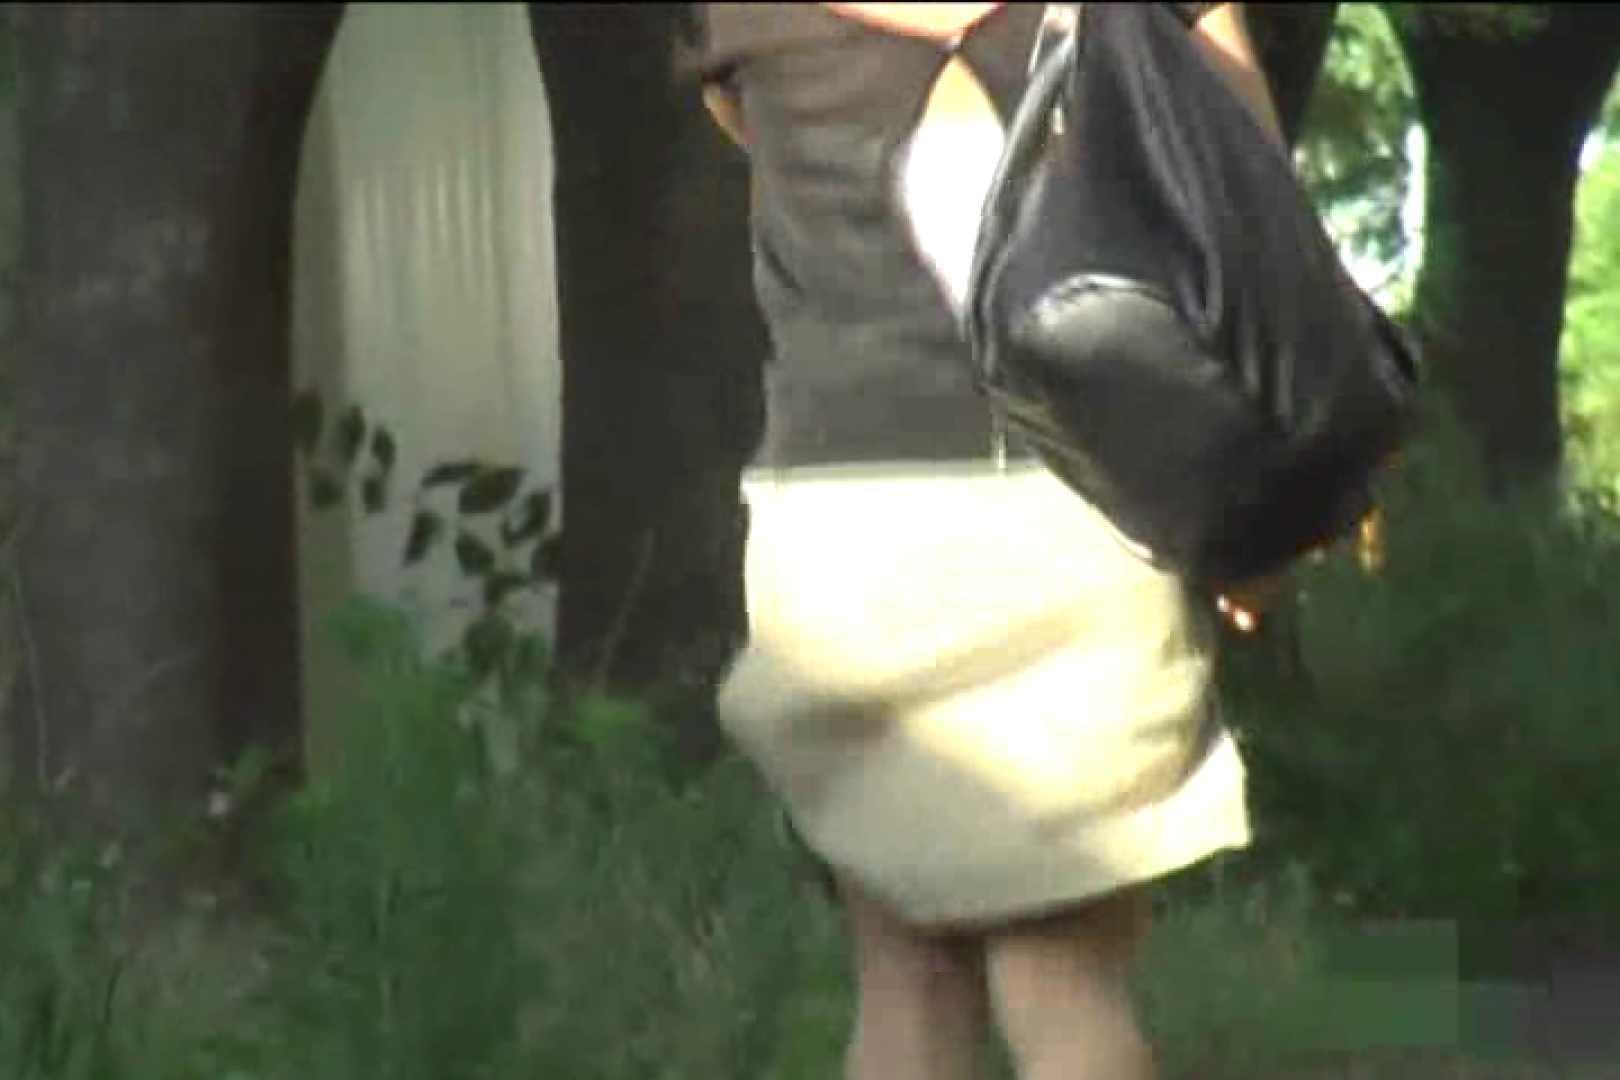 検証!隠し撮りスカートめくり!!Vol.8 ミニスカート | OLセックス  108画像 85